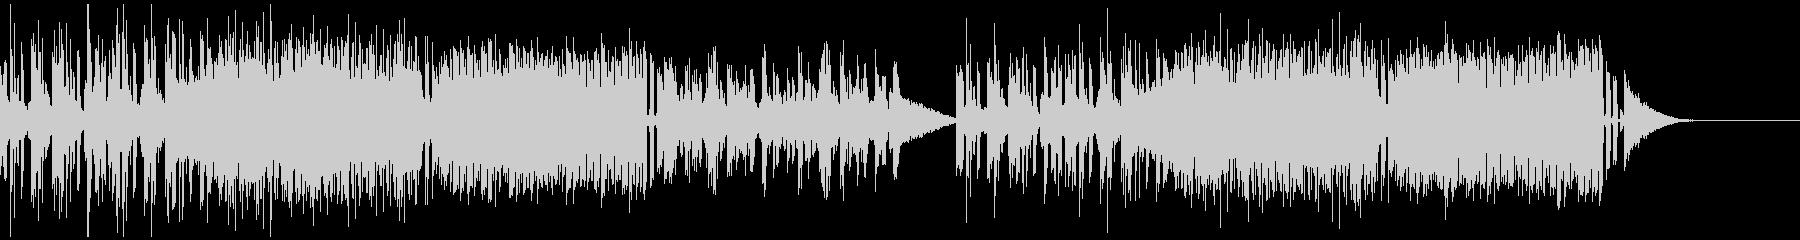 激しいエレクトロミュージックの未再生の波形